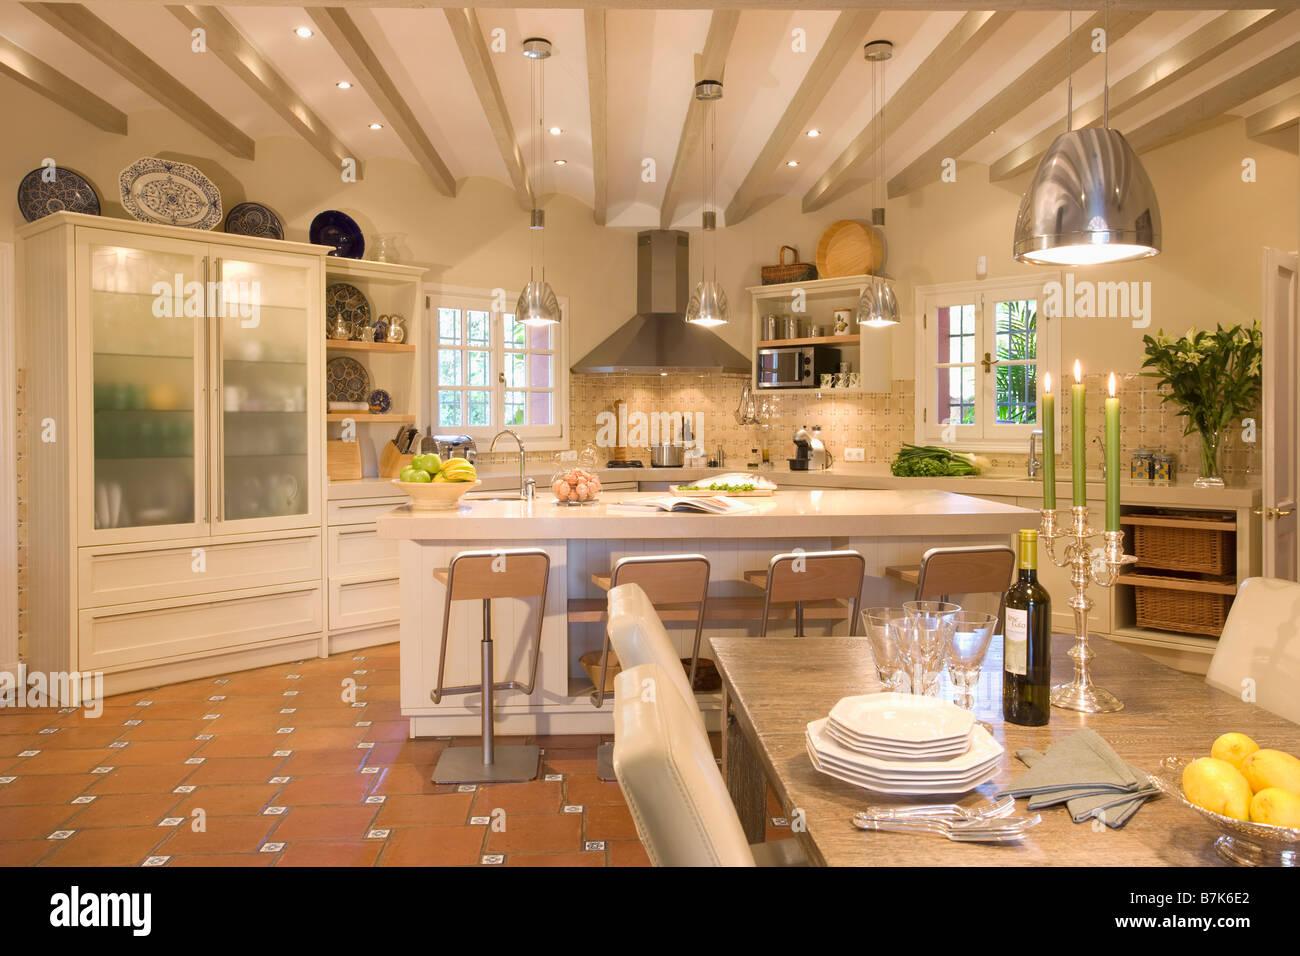 Große Offene Küche Esszimmer Mit Glas Fronted Schrank Frühstücksbar Und  Pendelleuchte über Dem Esstisch